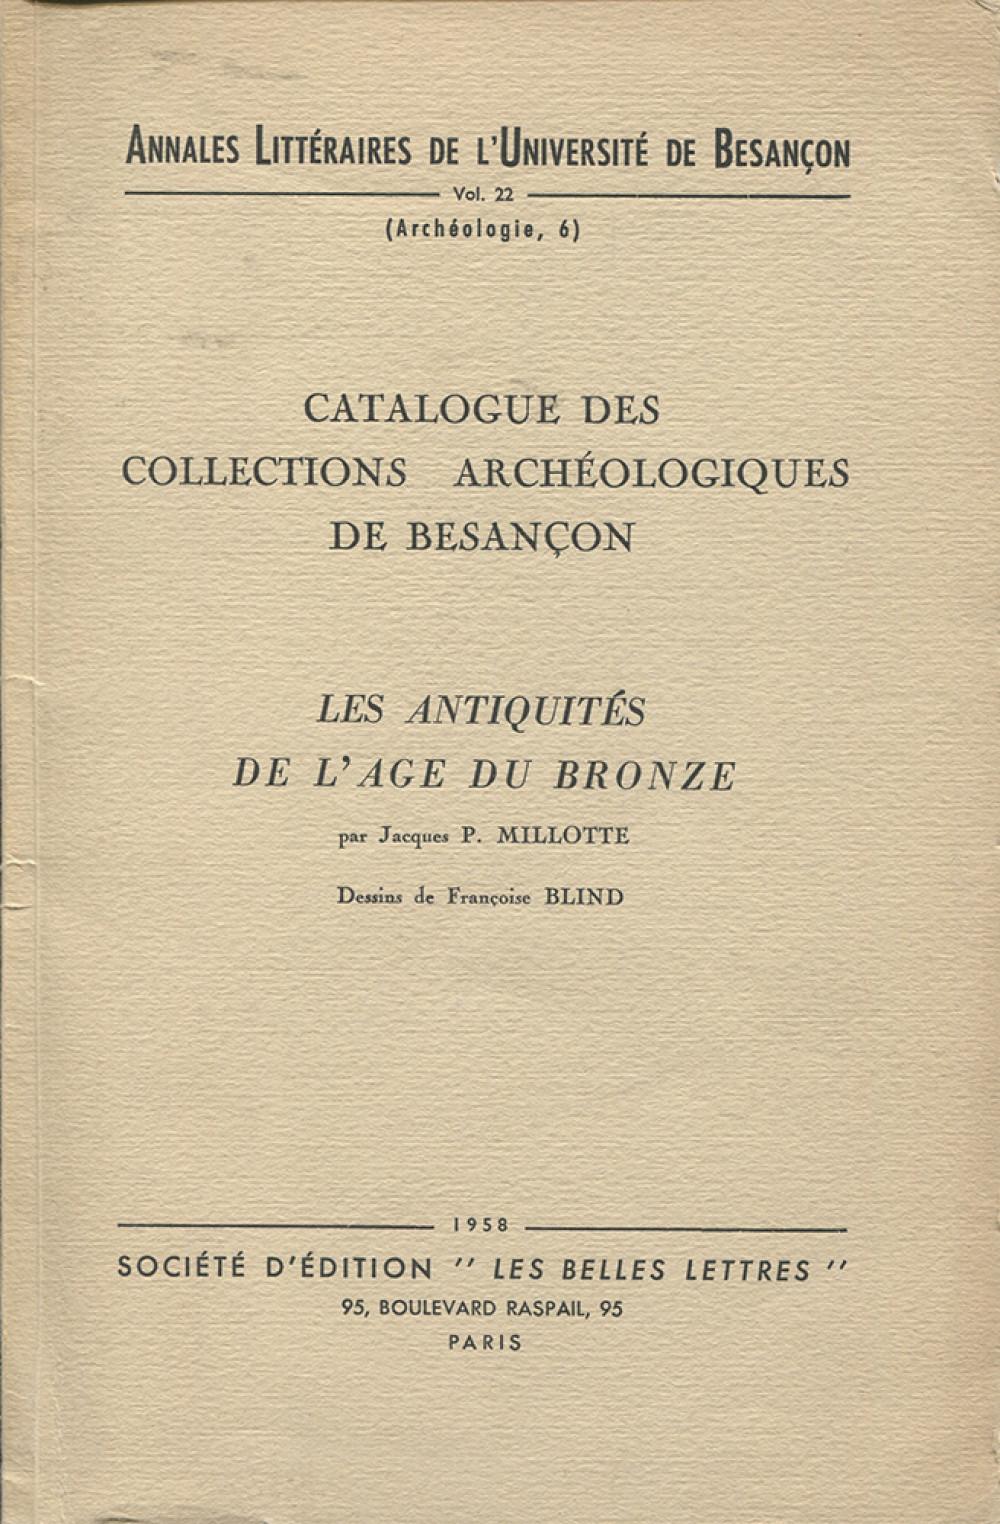 Catalogue des collections archéologiques de Besançon III